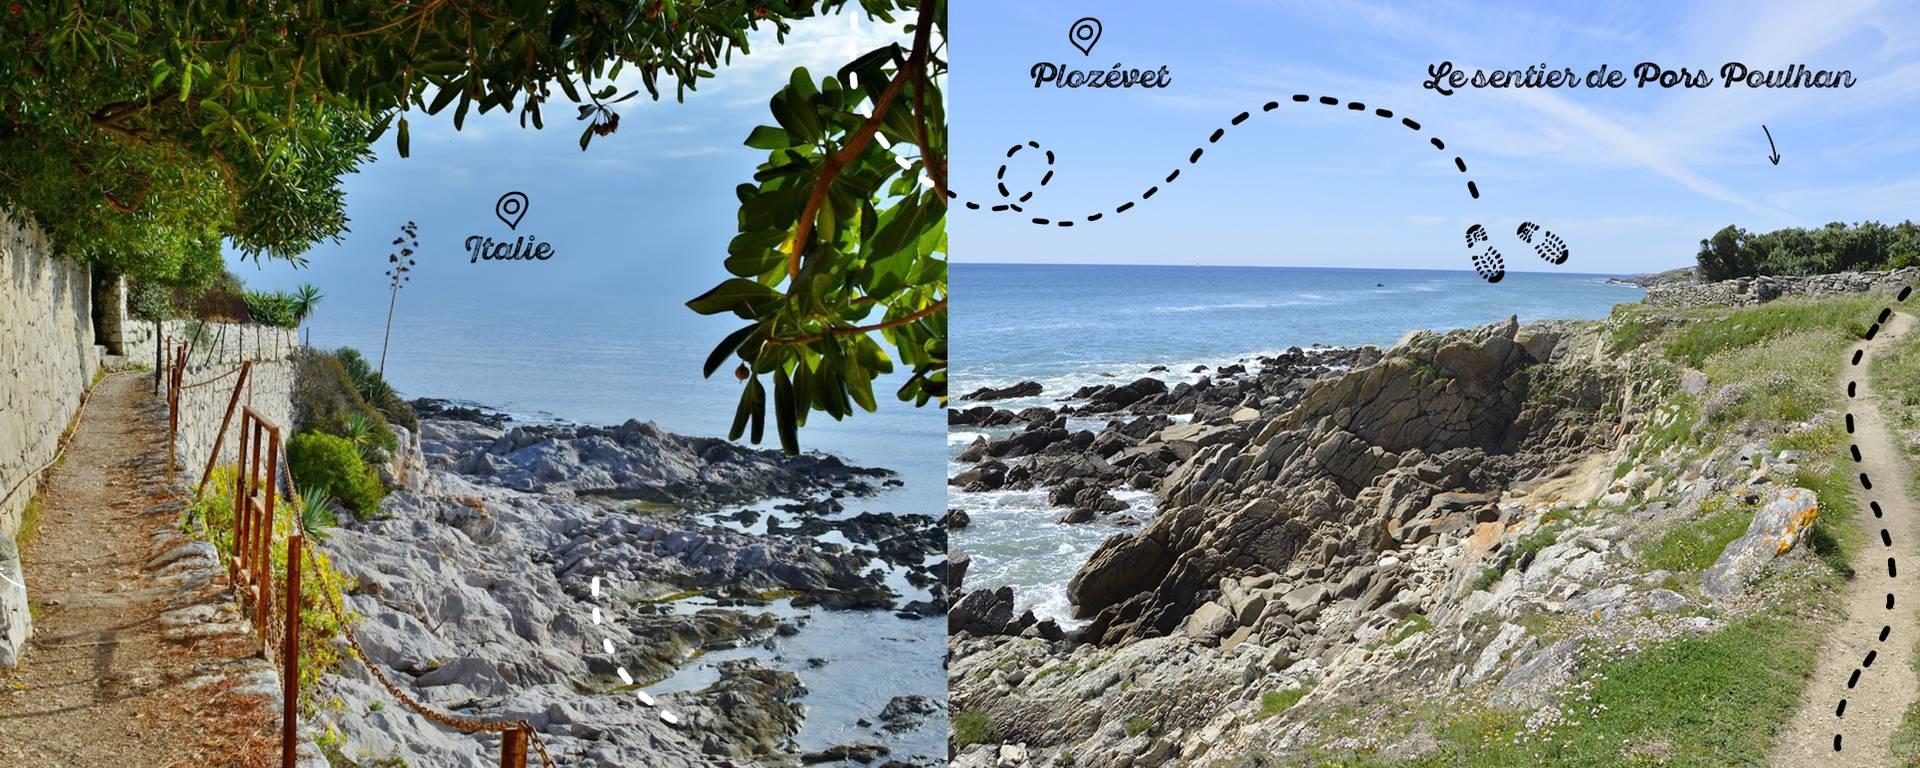 Il fait bon sentir l'air de la mer en flânant sur les sentiers de la côte de Plozévet © M. HAMEL